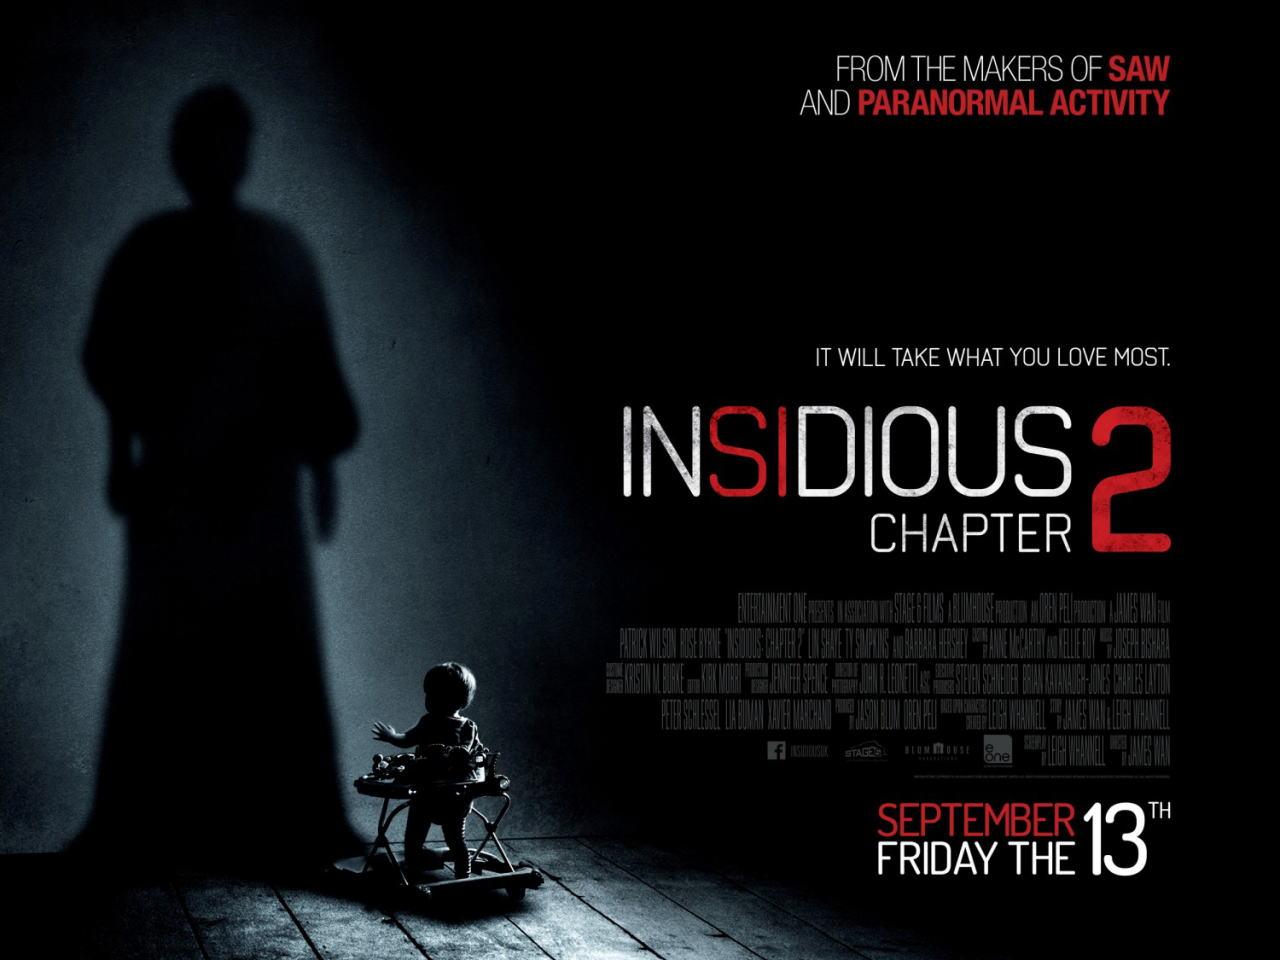 映画『インシディアス 第2章 (2013) INSIDIOUS: CHAPTER 2』ポスター(4) ▼ポスター画像クリックで拡大します。